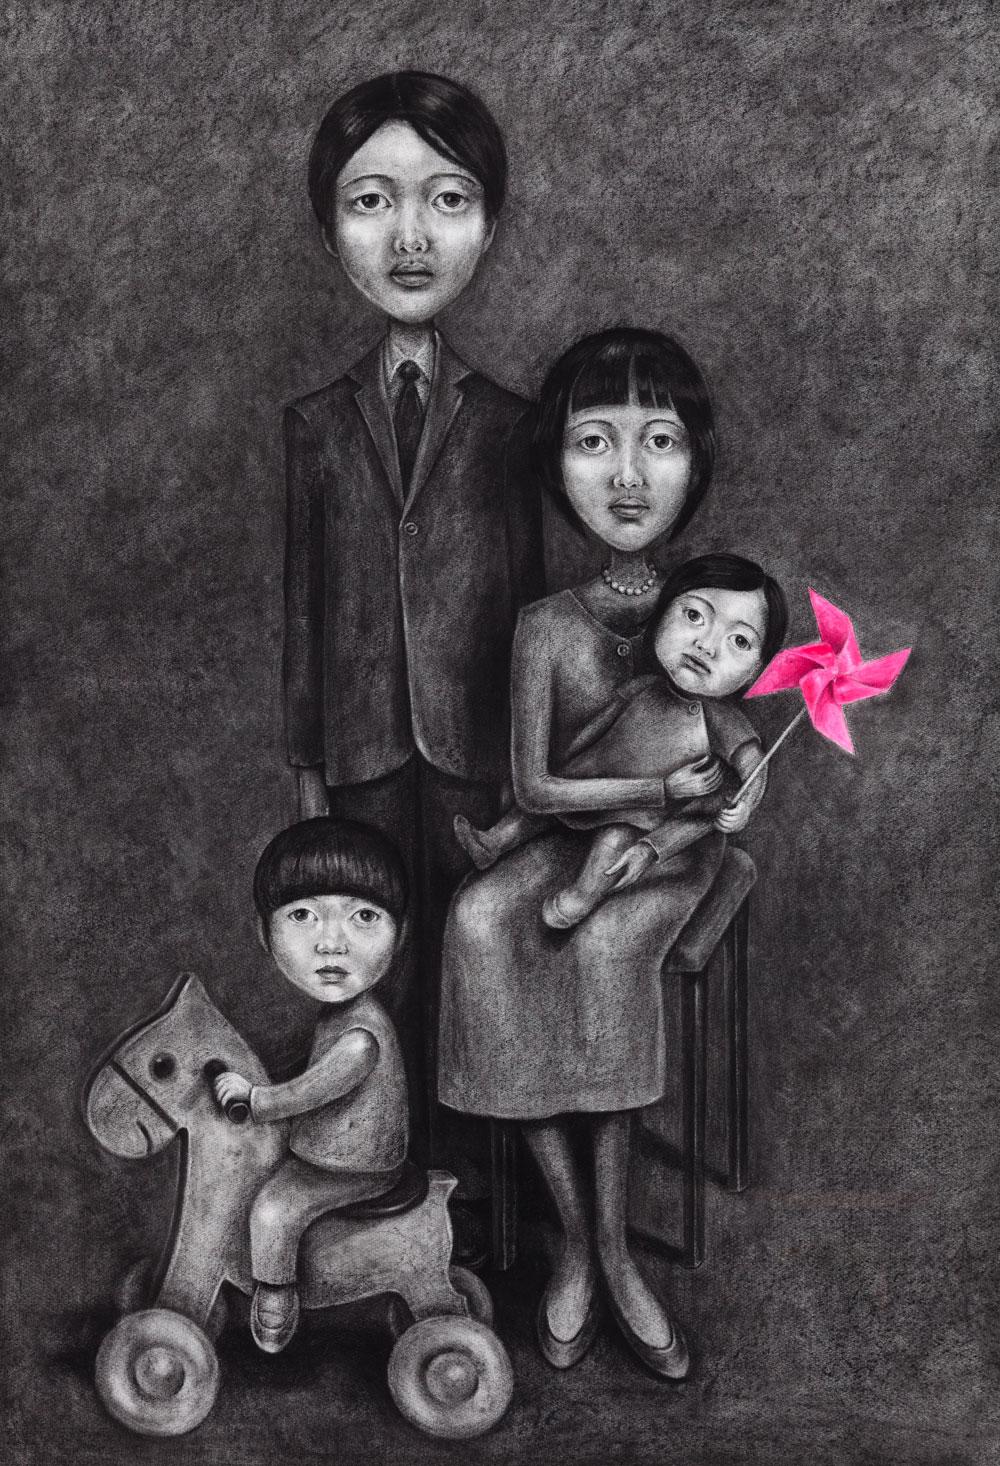 Pei-Hsuan Wang - Untitled